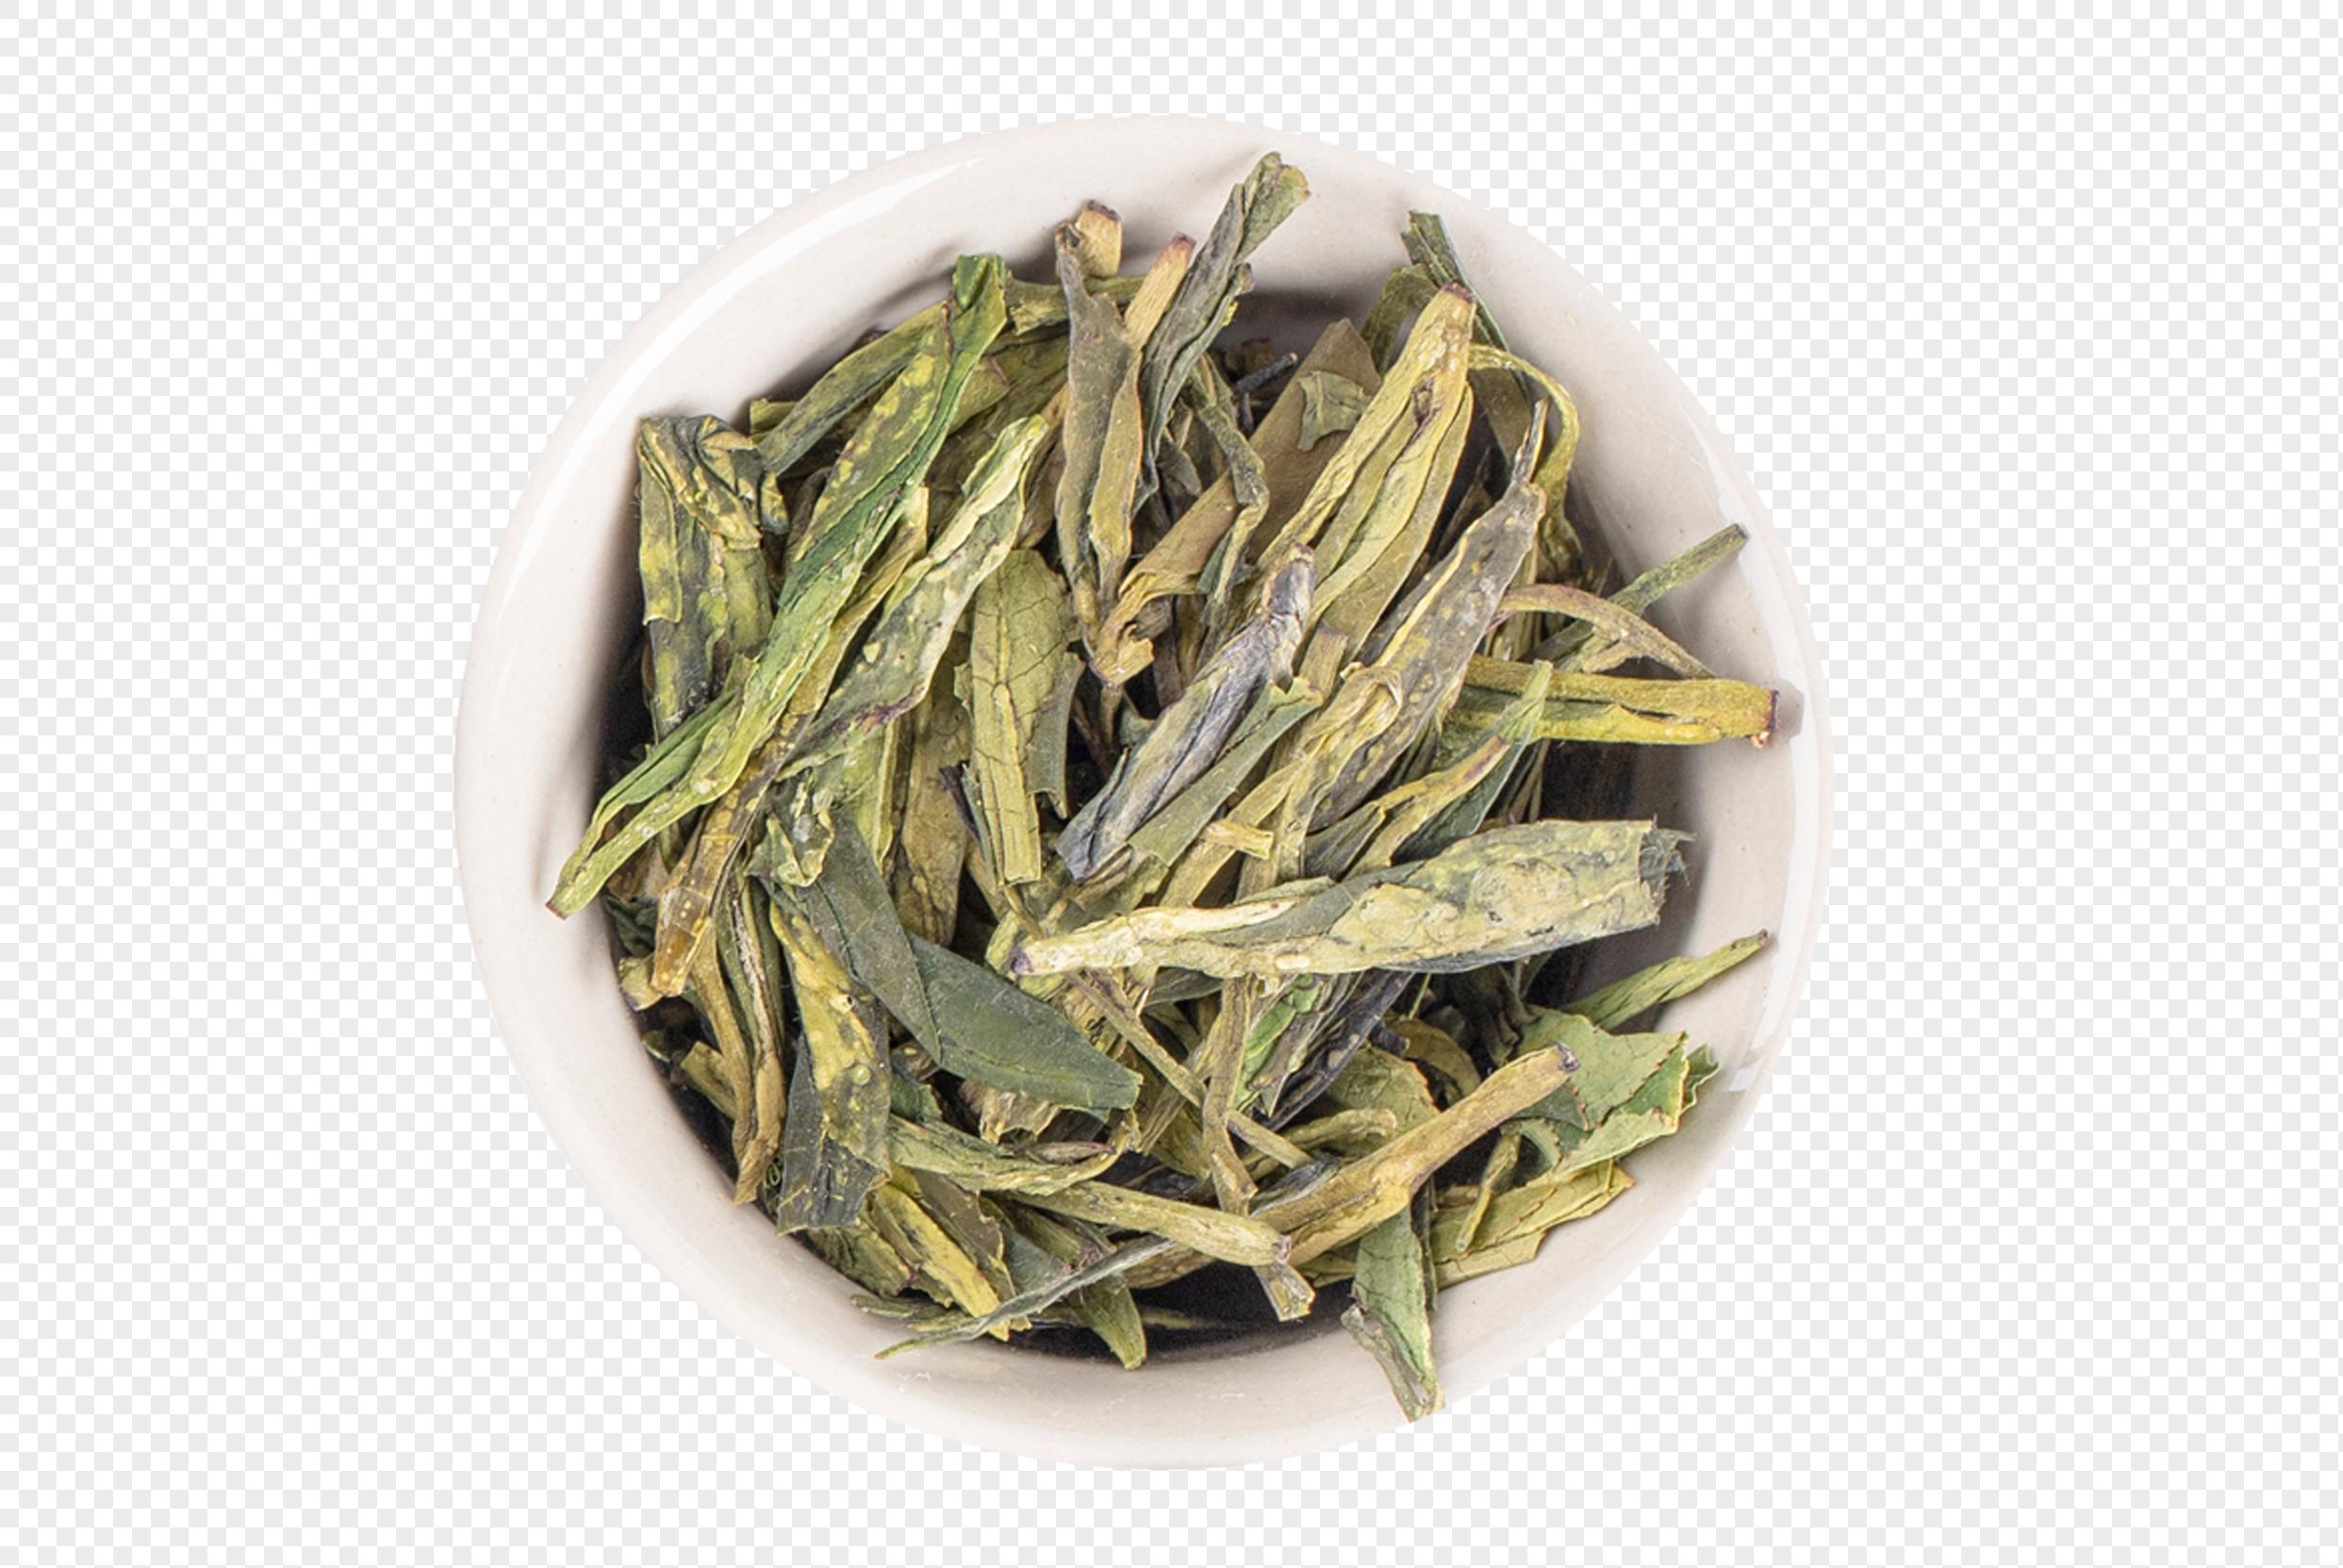 白茶叶白牡丹克